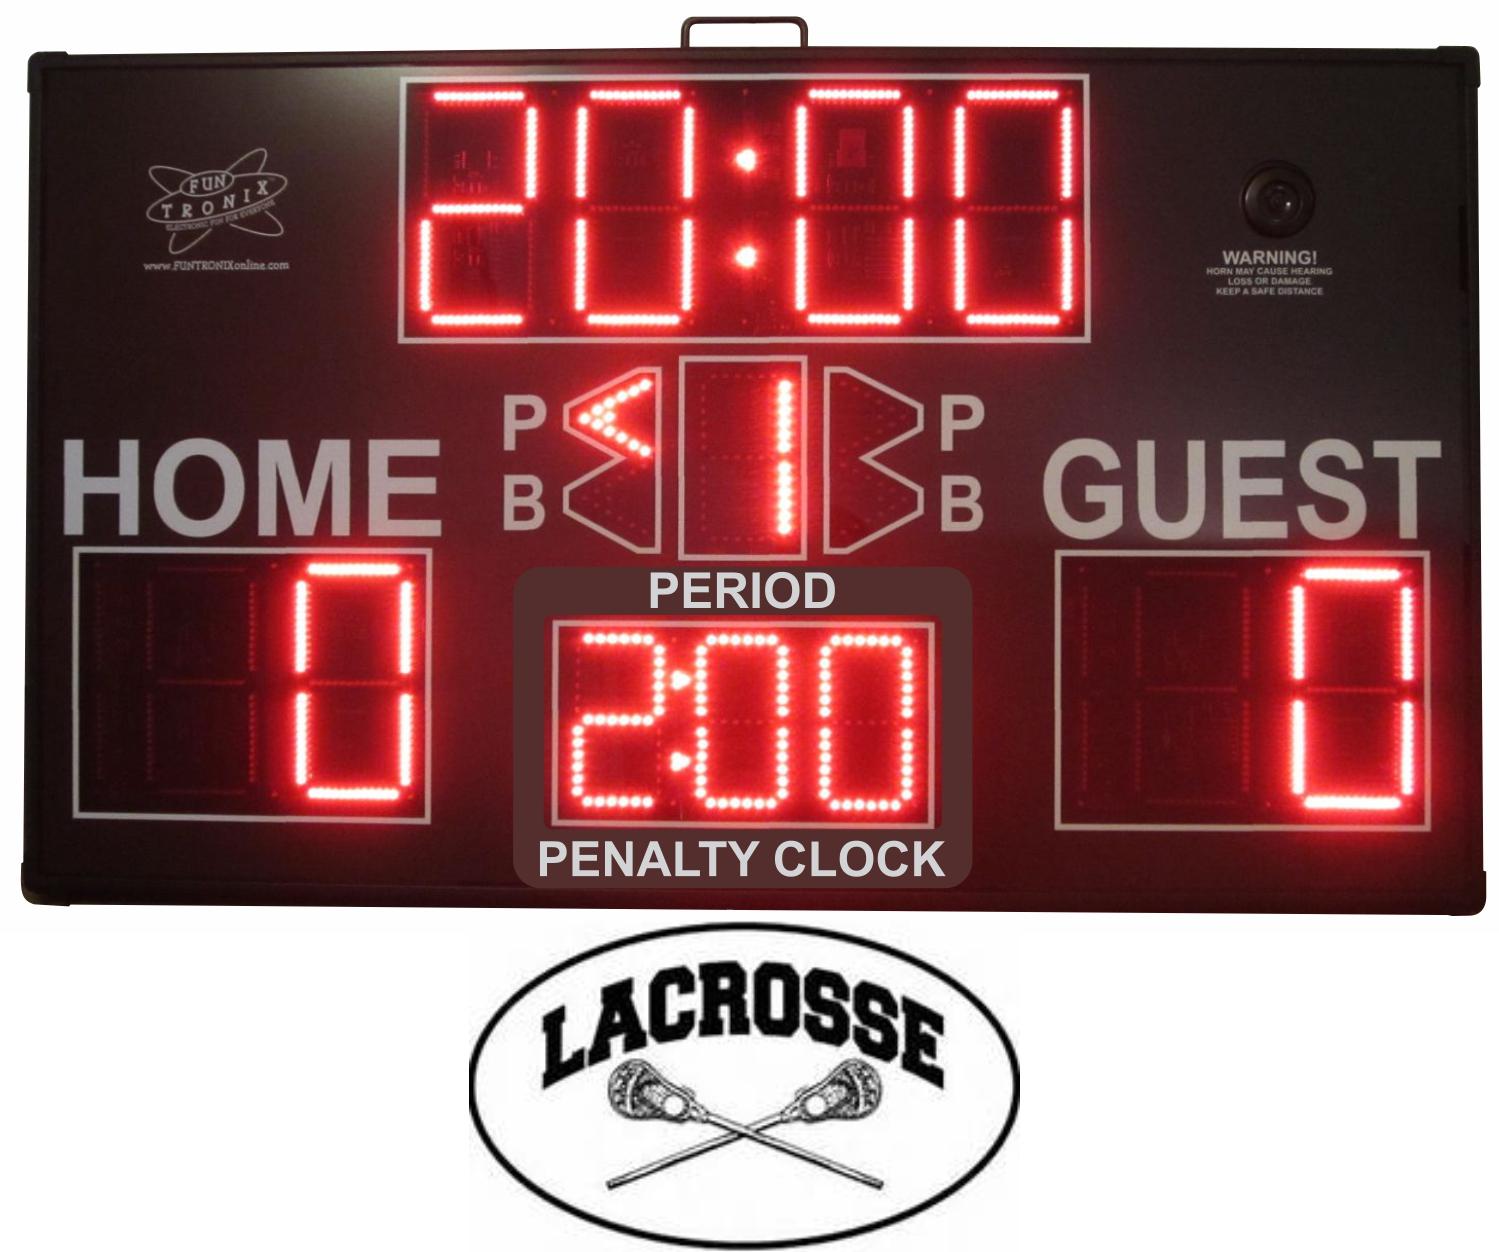 Lacrosse Scoreboards